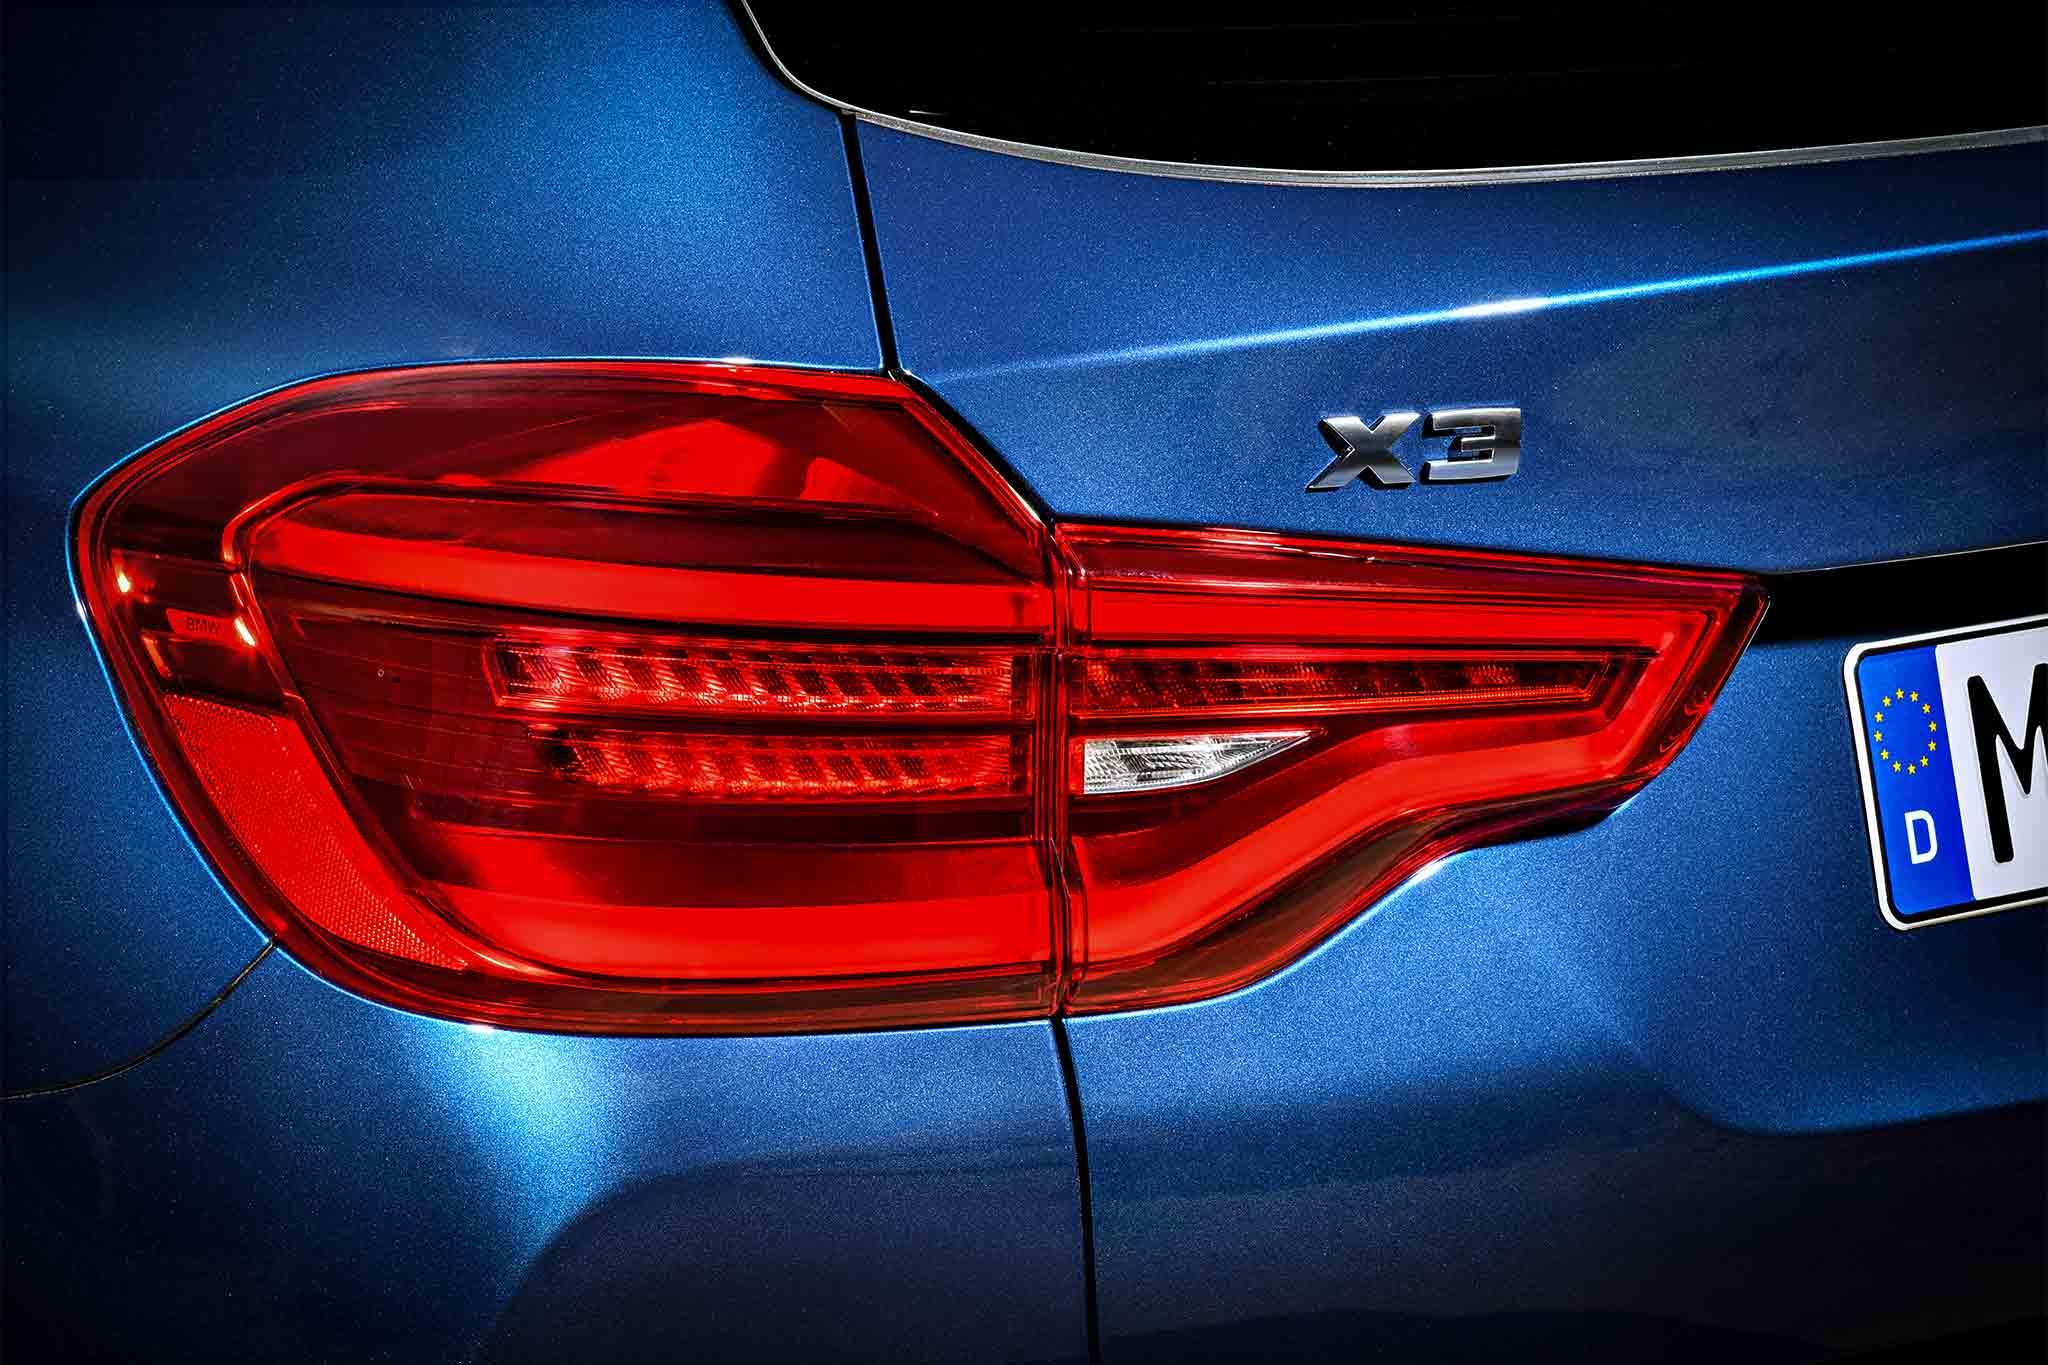 BMW X Revealed With PerformanceOriented Mi Trim - Bmw x3 dashboard signs